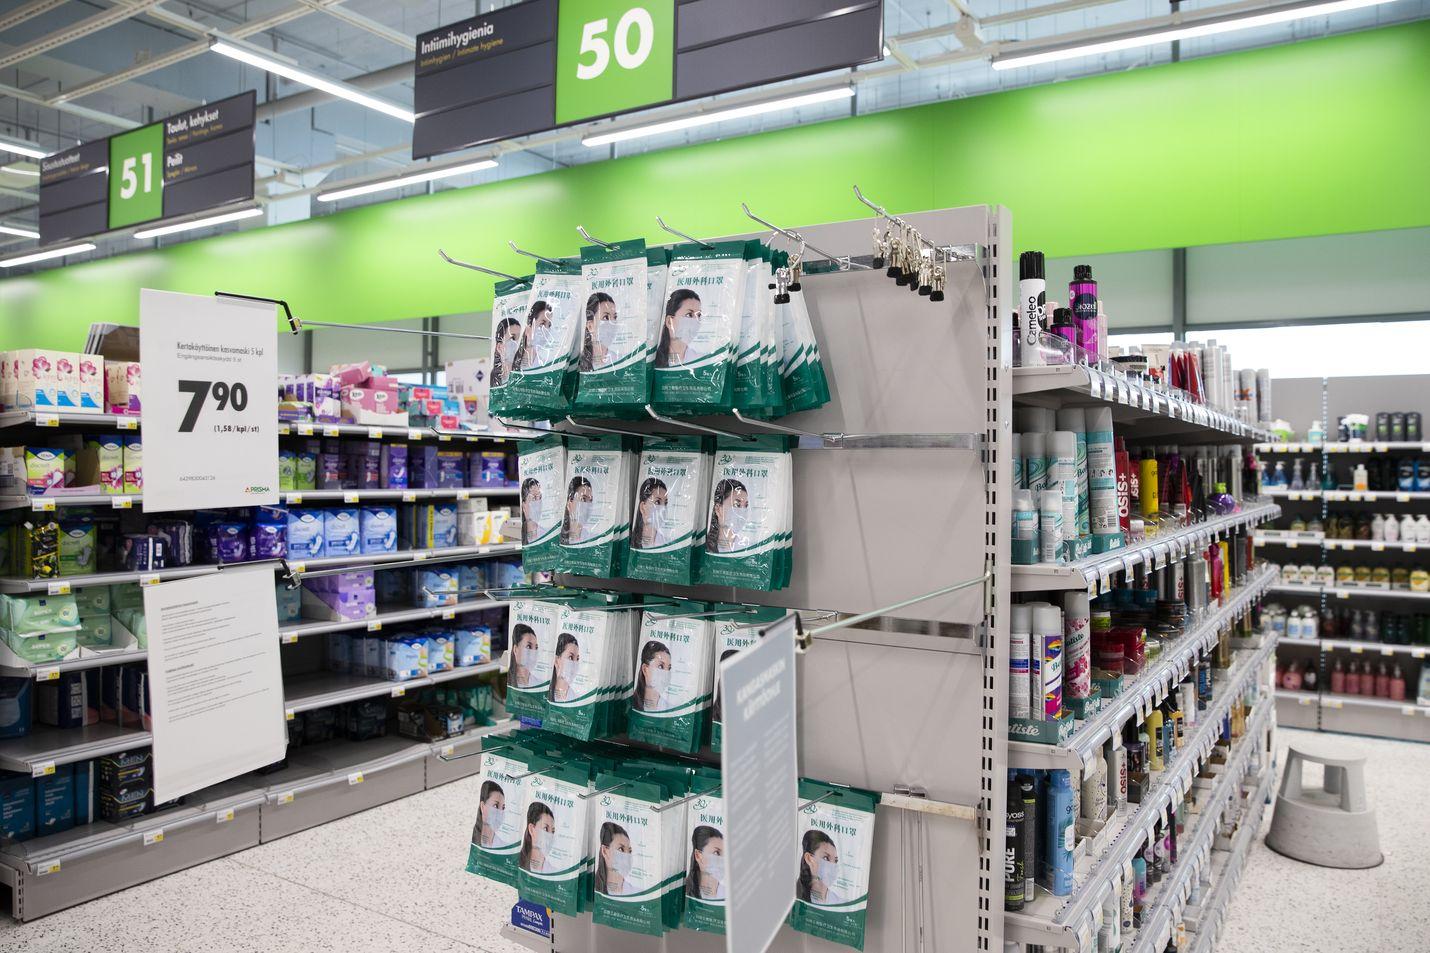 Maskeilla on Suomessa kysyntää, vaikka suositusta ei ole toistaiseksi annettu. Tässä myymälässä aamulla täytetty hylly oli puolenpäivän aikaan puolillaan. Tarjolla oli tuolloin vain yhtä mallia.